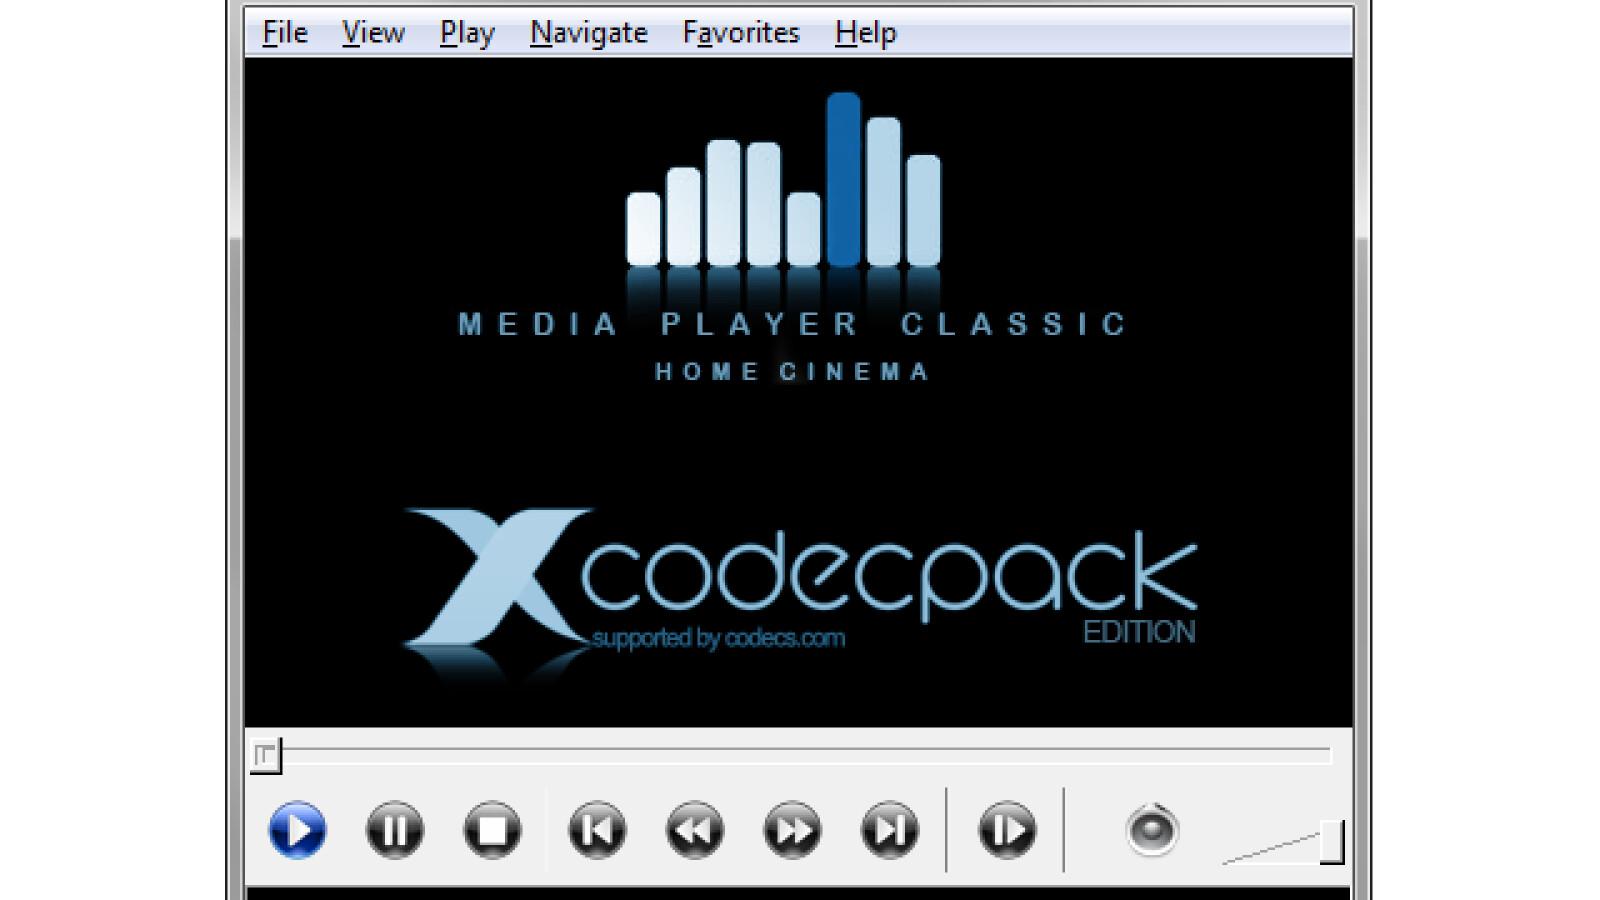 gratis k lite codec pack full